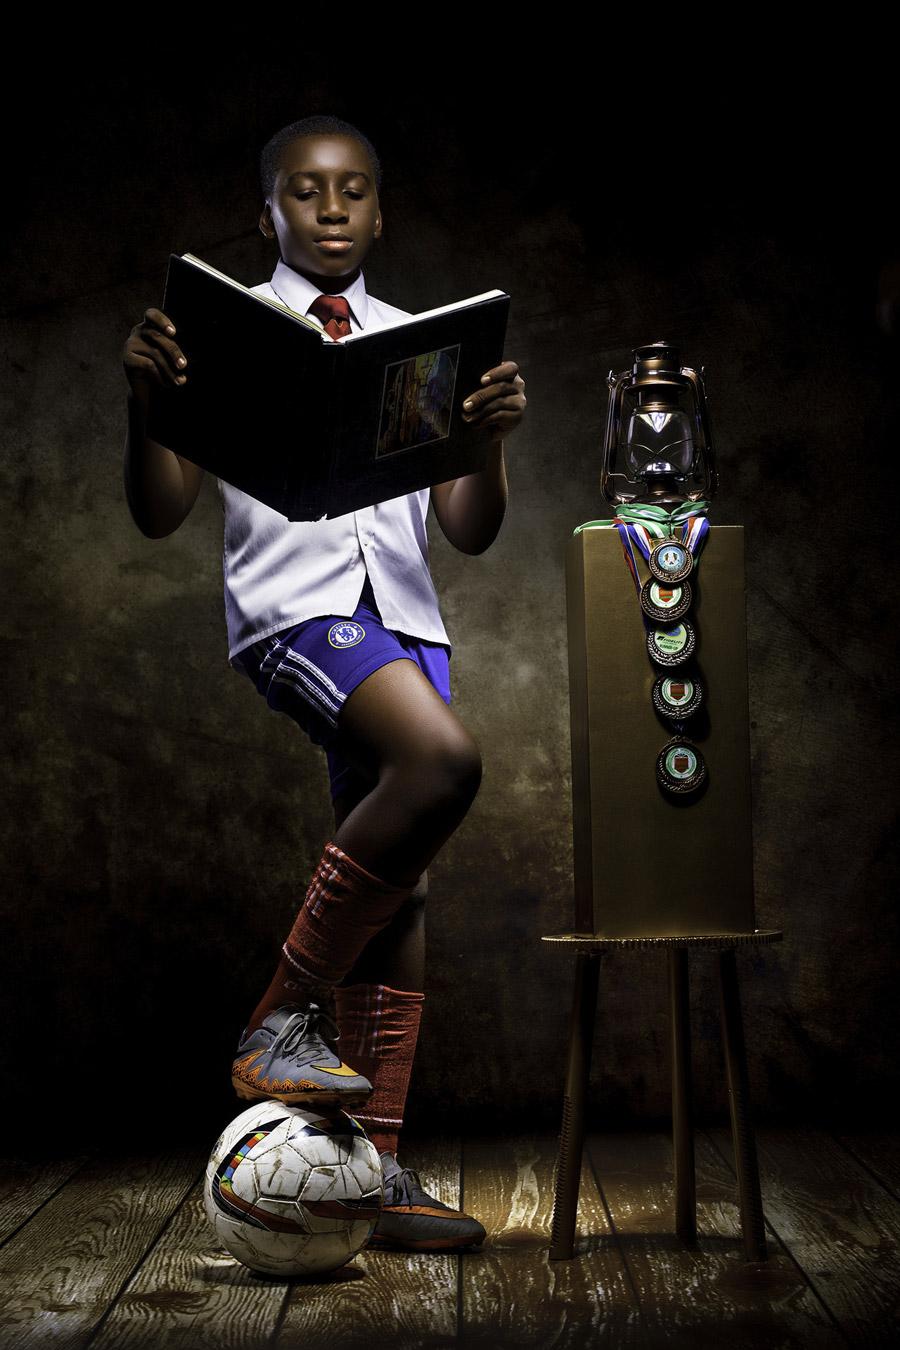 Sisivisage, США, Приз зрительских симпатий, Фотоконкурс «Видение света» / Seeing the Light